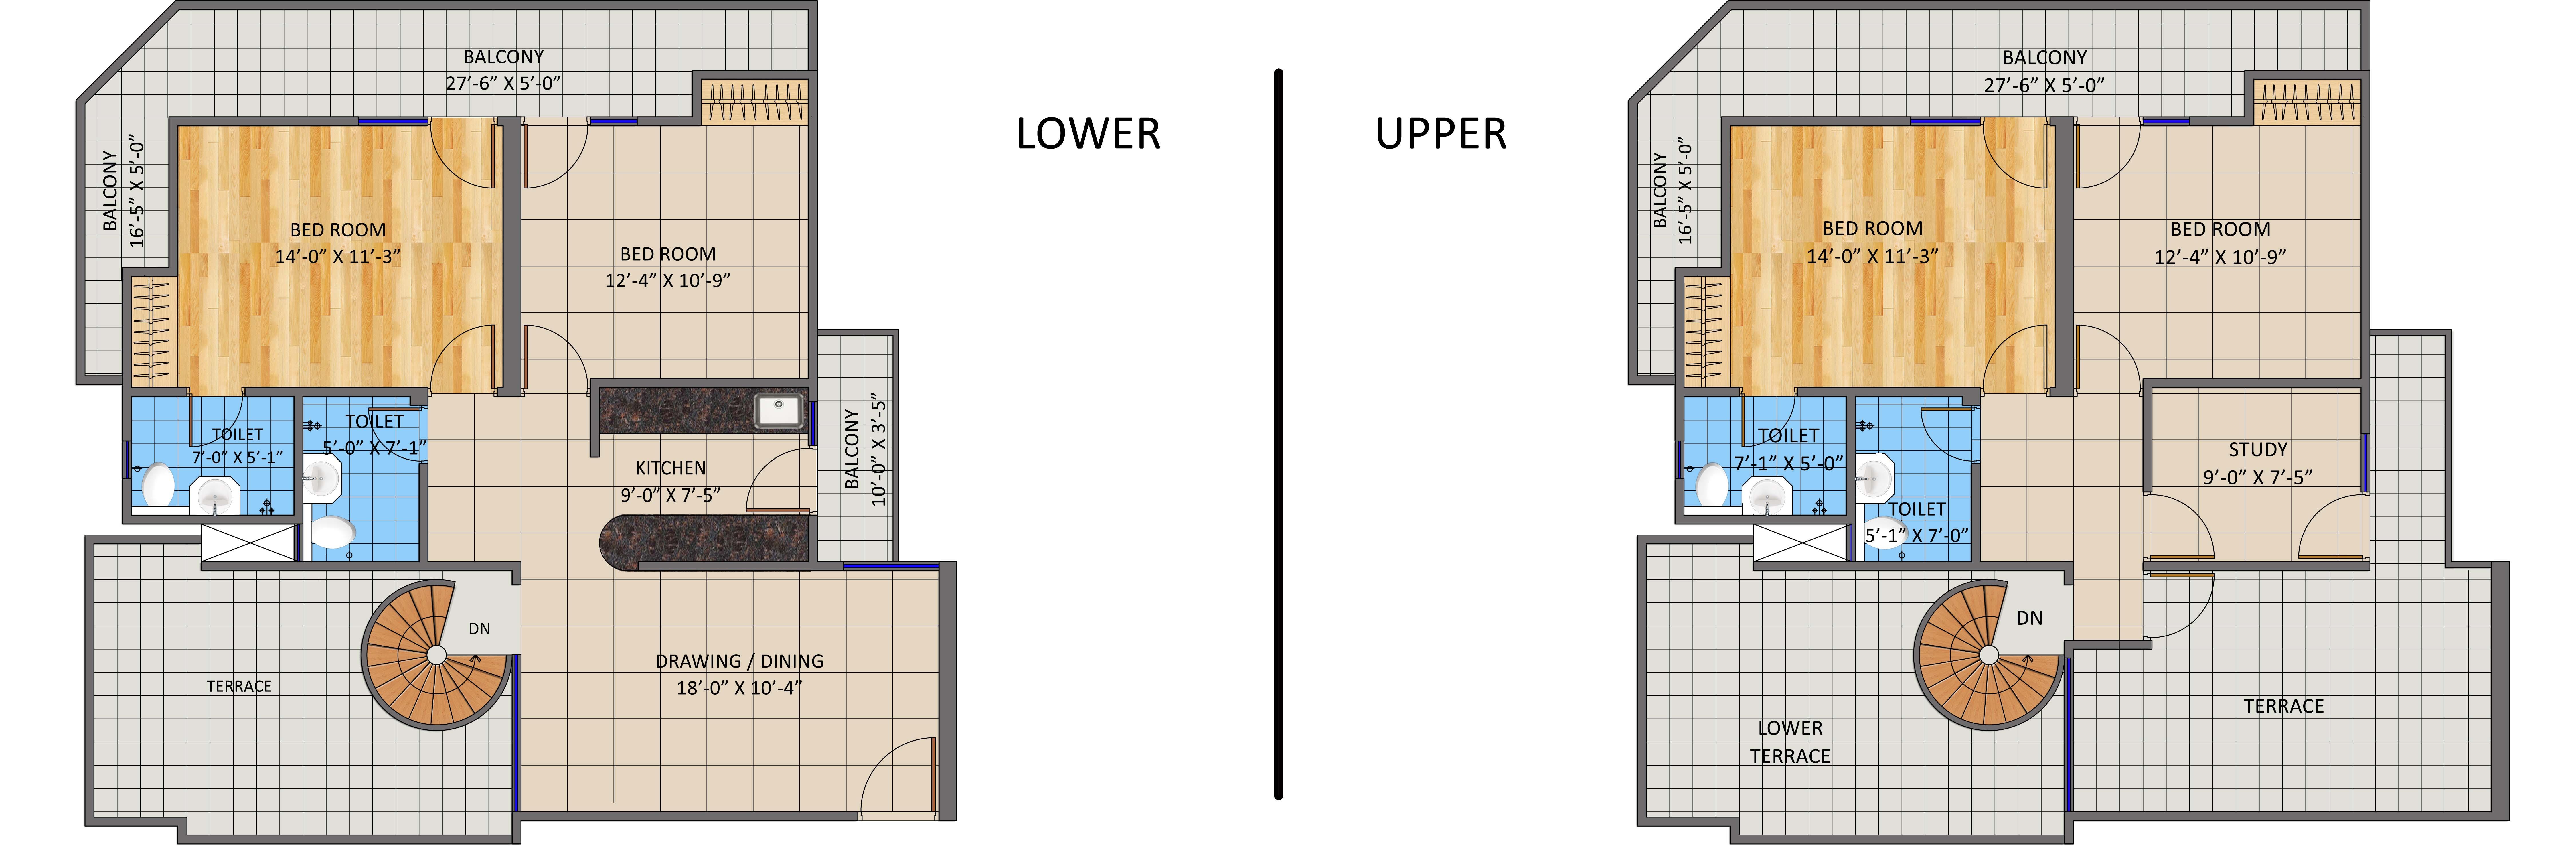 https://www.kwgroup.in/upload/170420110307Plan-Tower-J,-4-BHK-(Penthouse-Lower-&-Upper),-2650-sqft.jpg